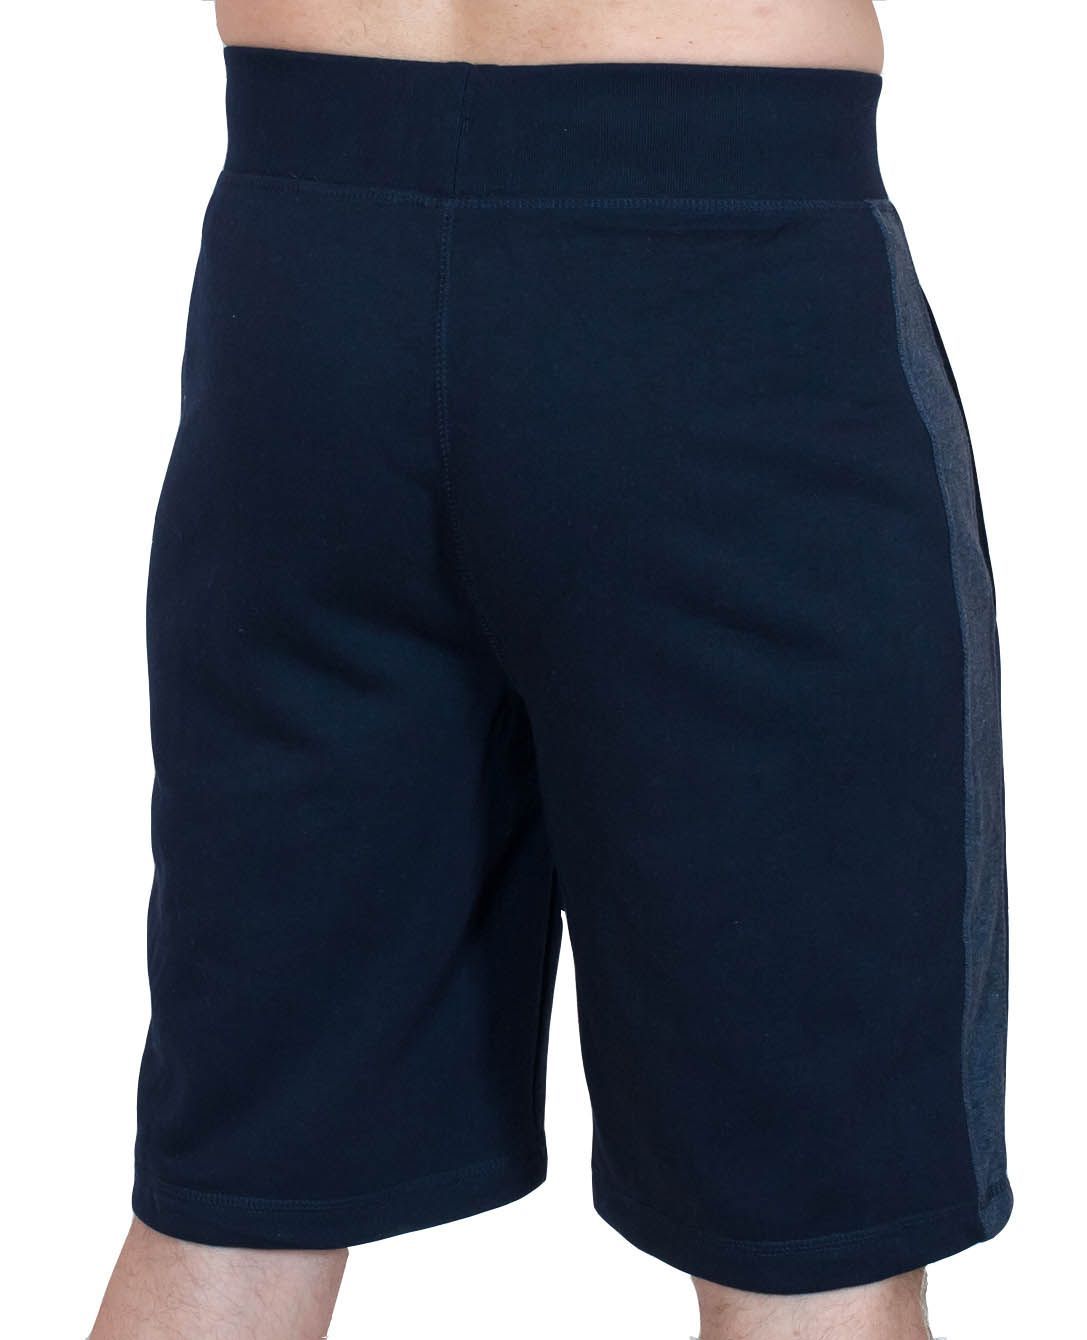 Модные мужские шорты McKenzie - вид сзади